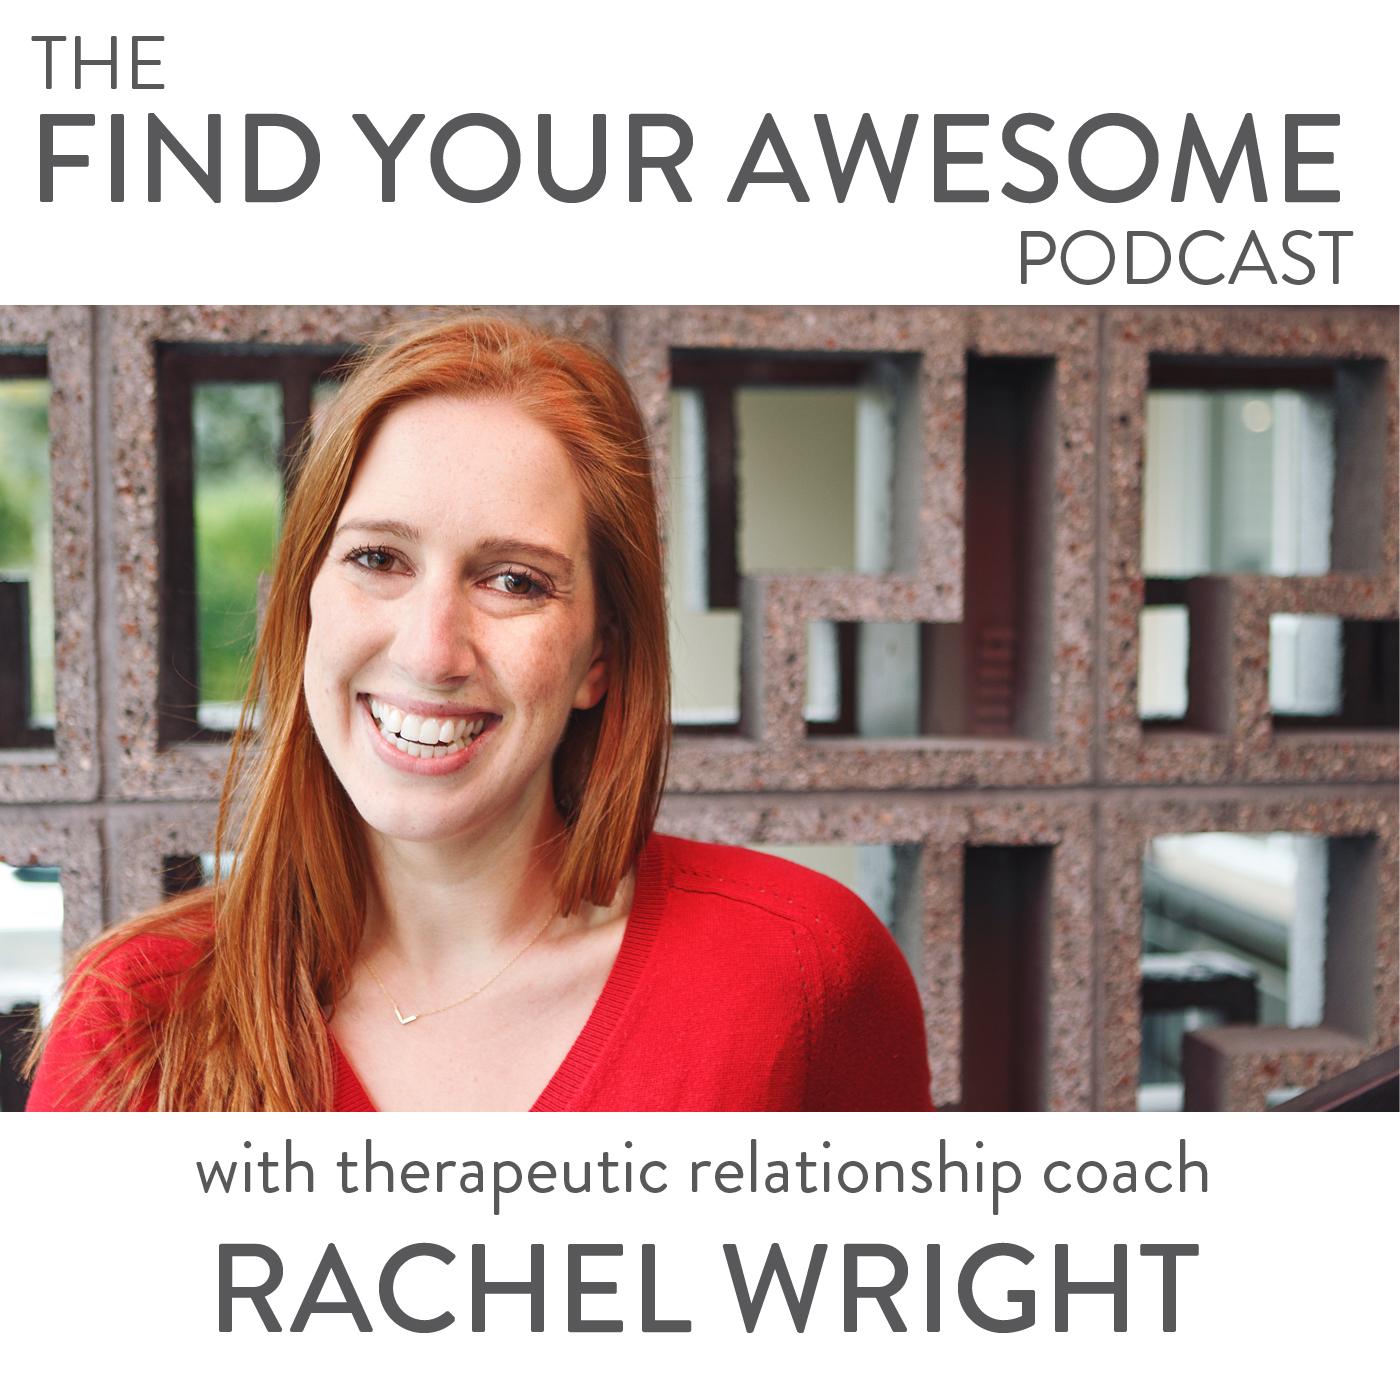 RachelWright_podcast_coverart.jpg